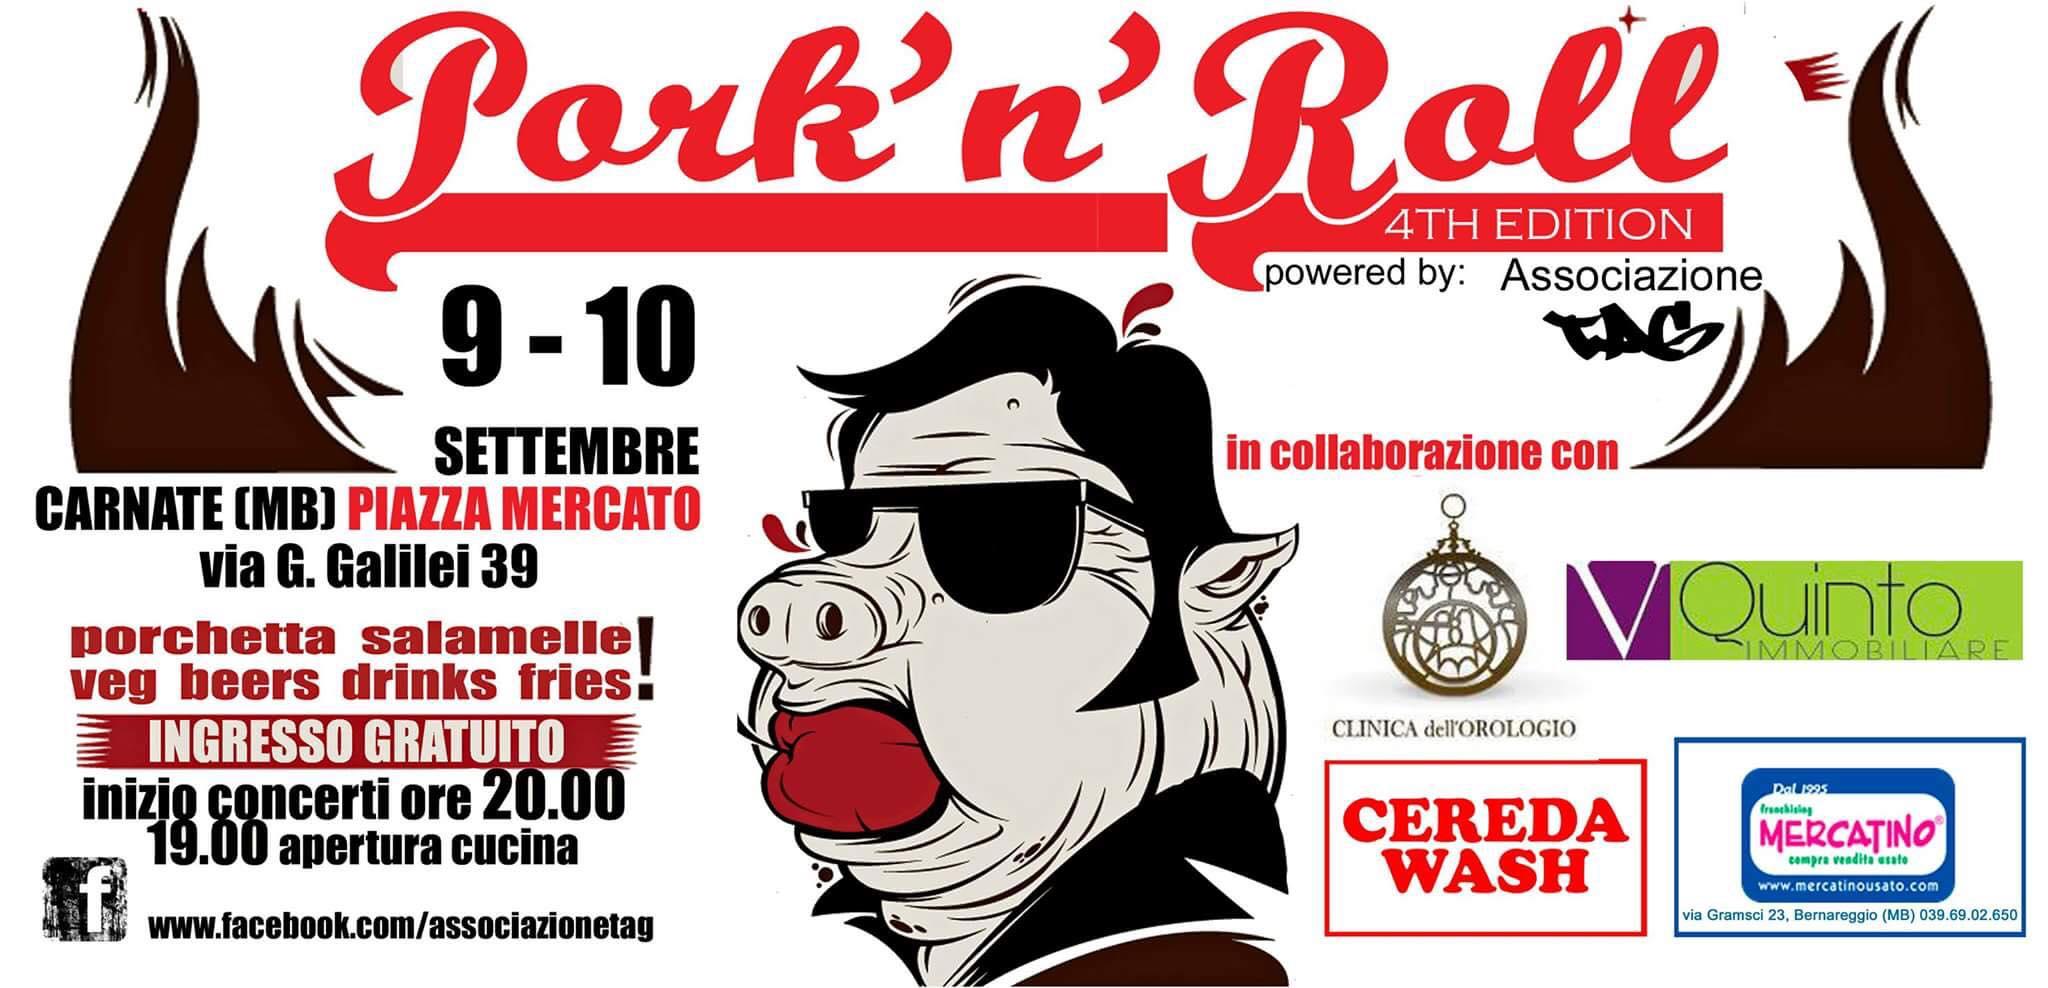 Pork'n'roll